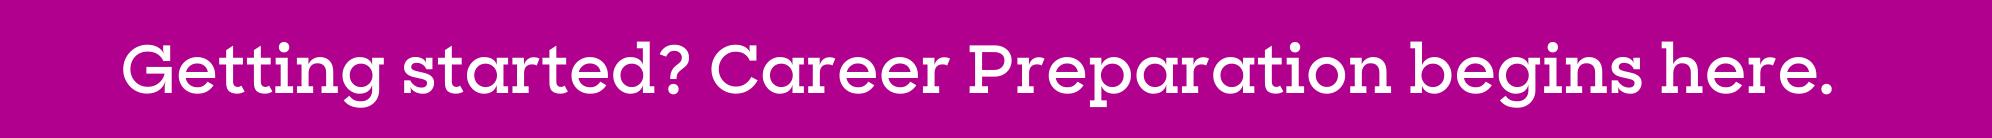 career prep banner